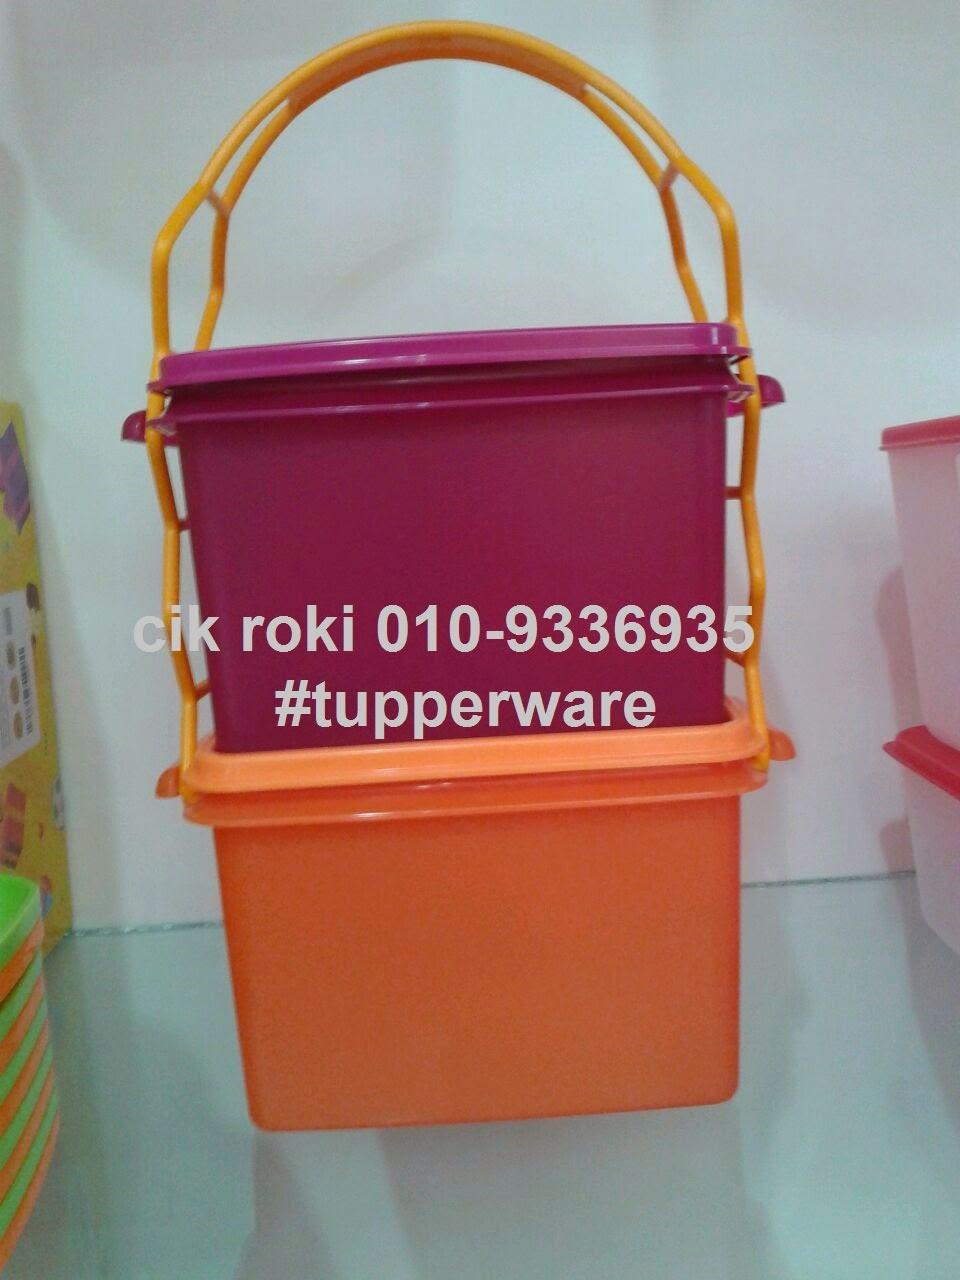 Mangkuk Tingkat Tupperware Mangkuk Tingkat Besar Limited